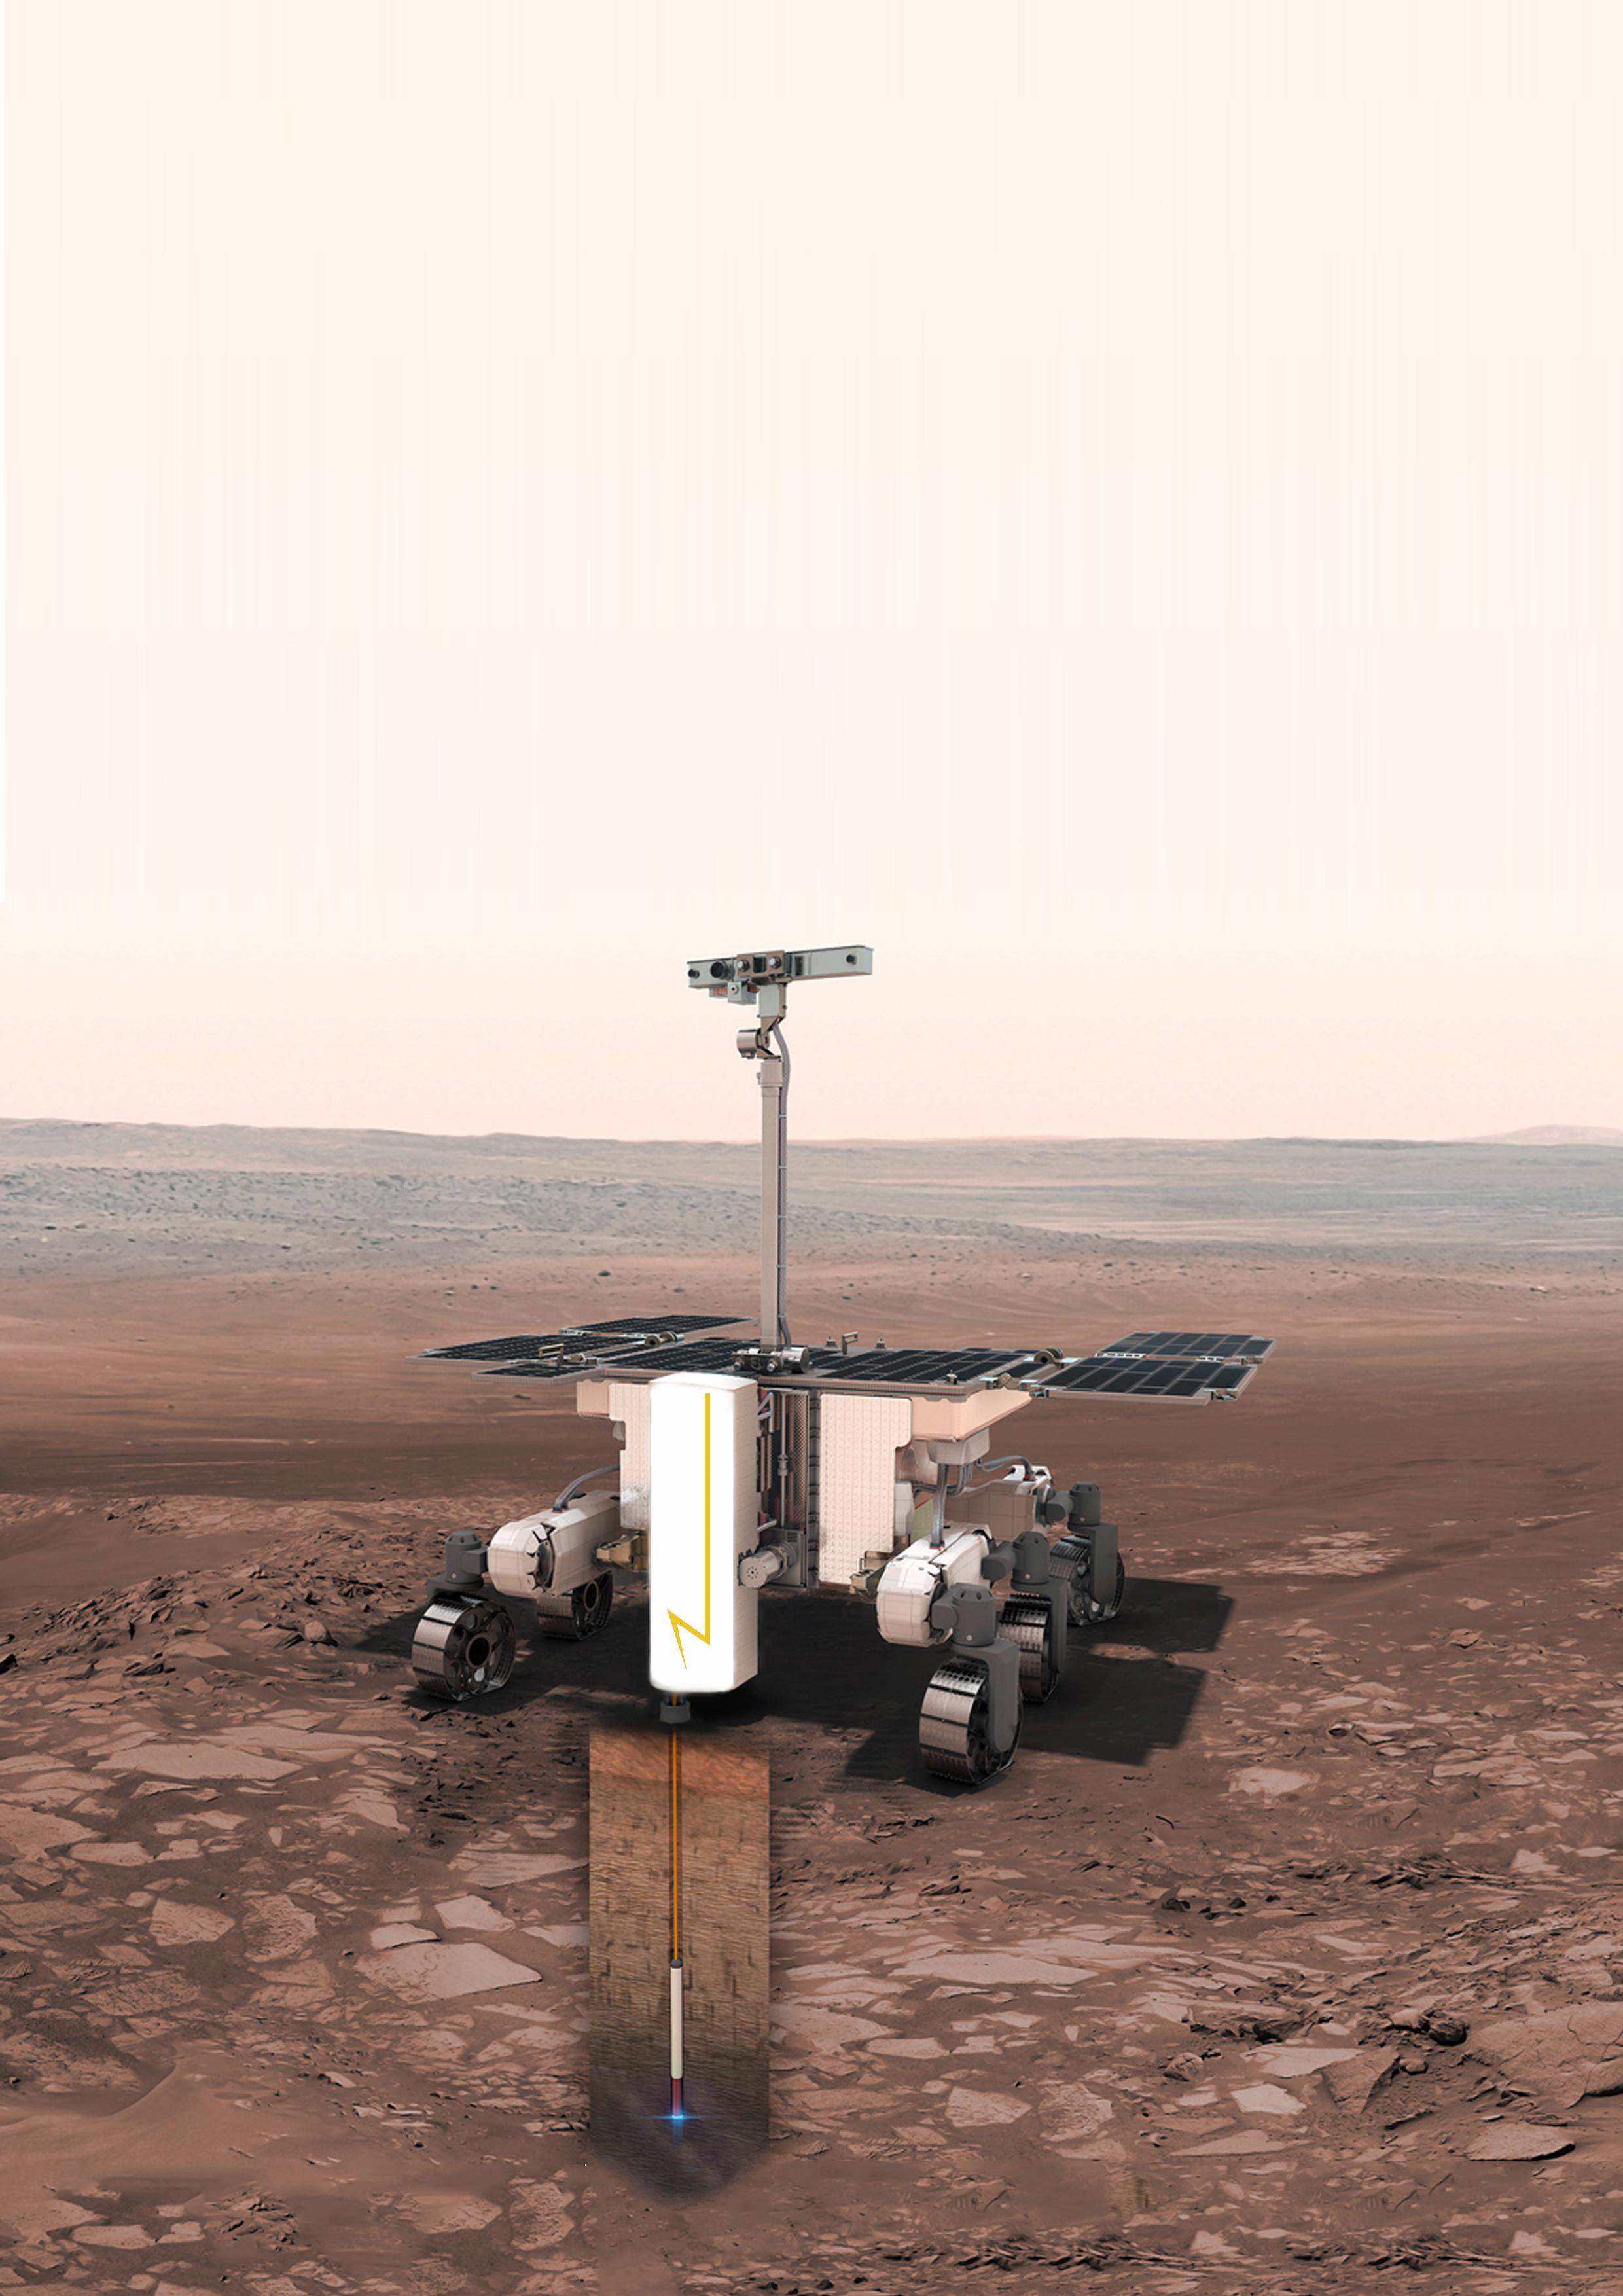 Plasma_drill_on_Mars